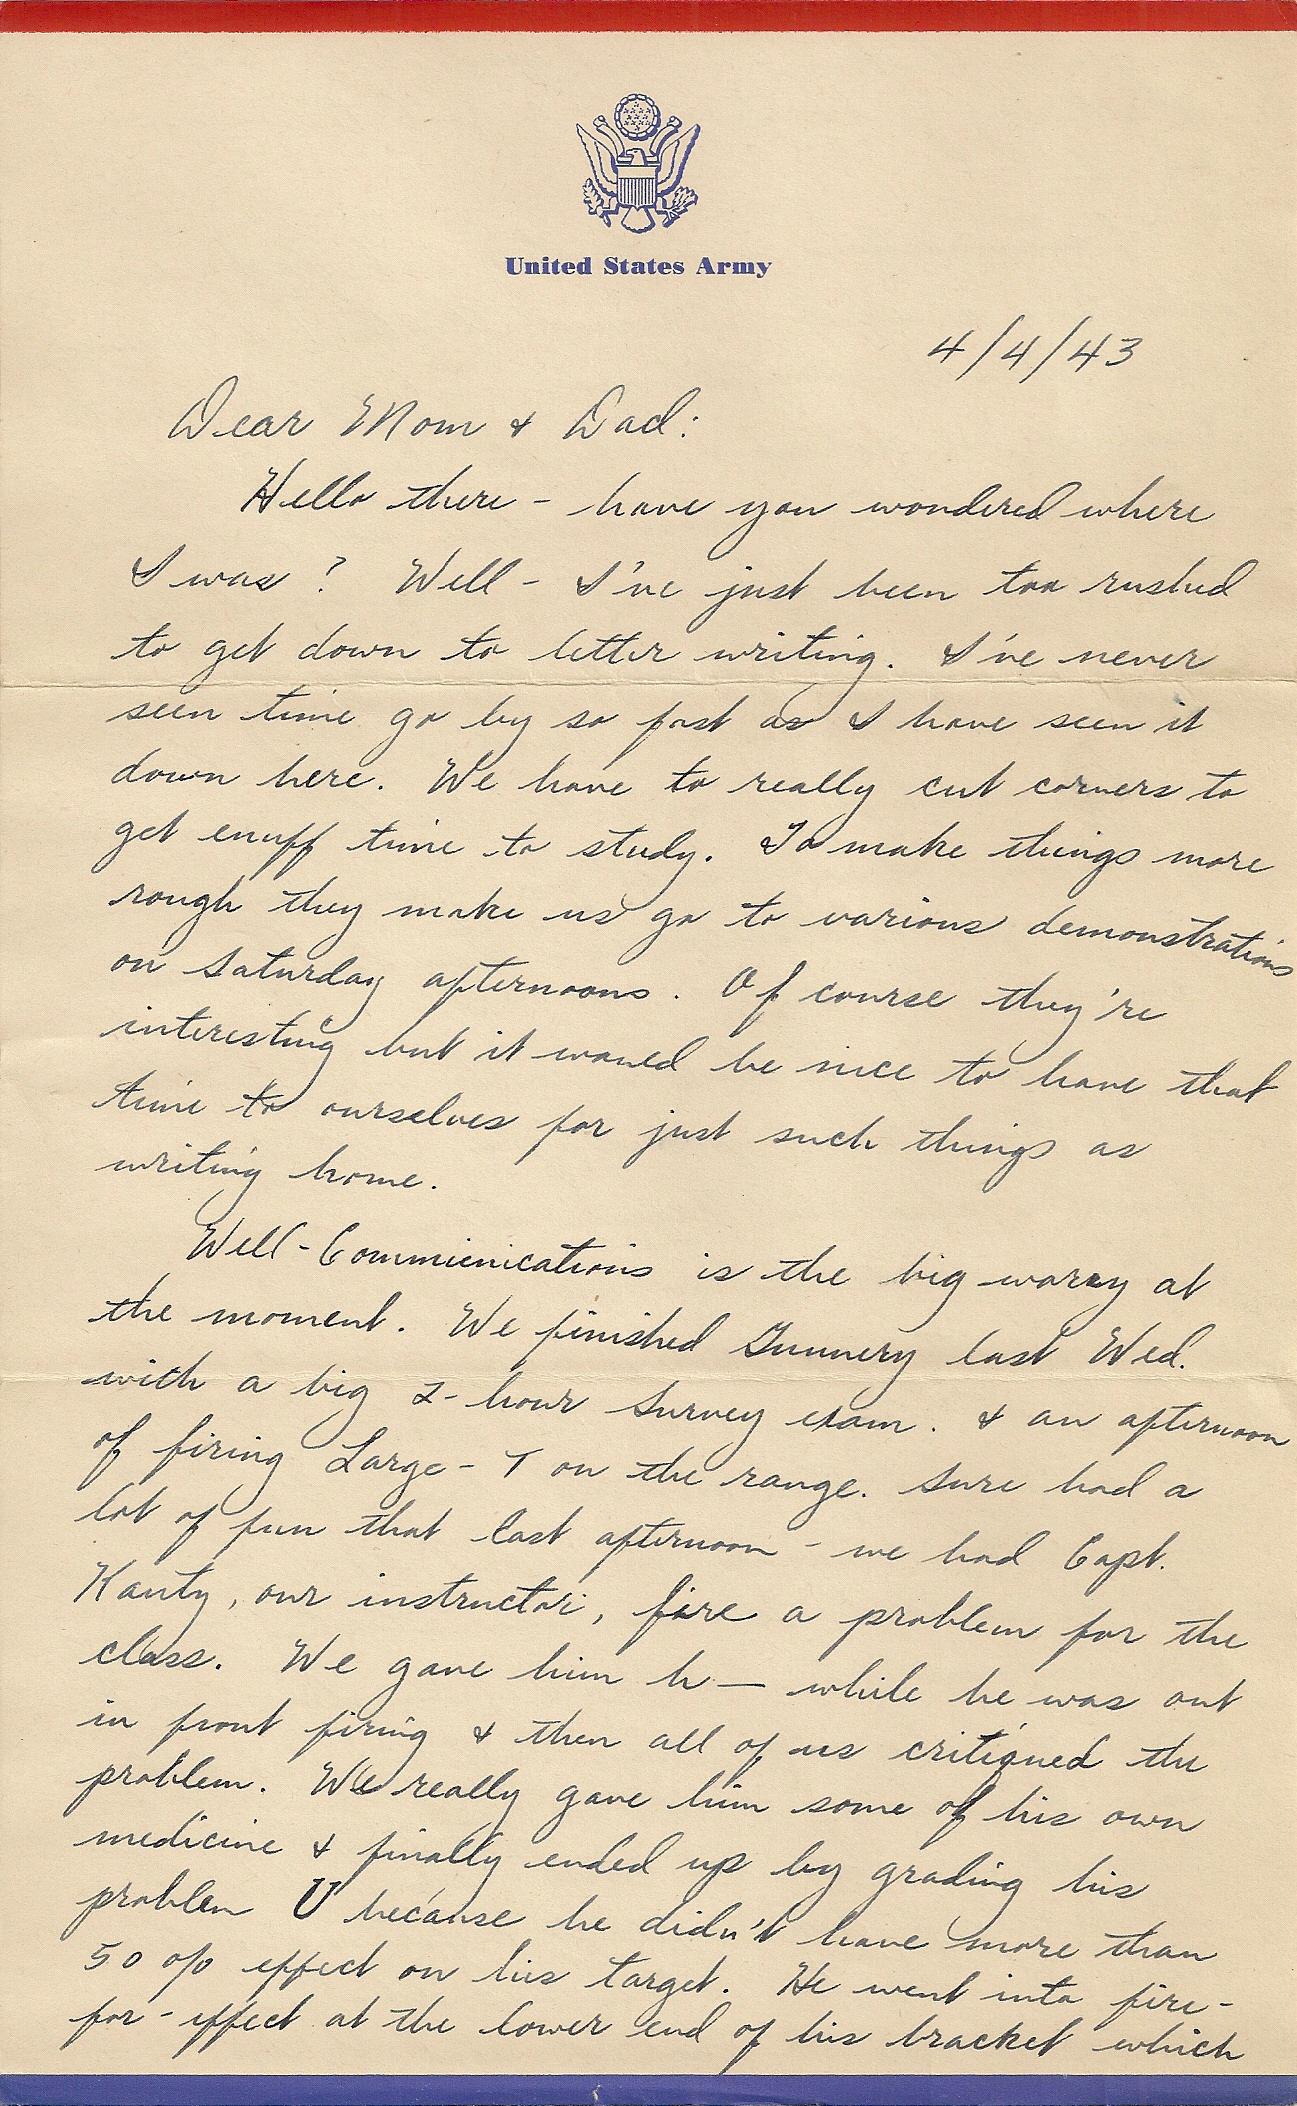 4.4.1943b.jpg